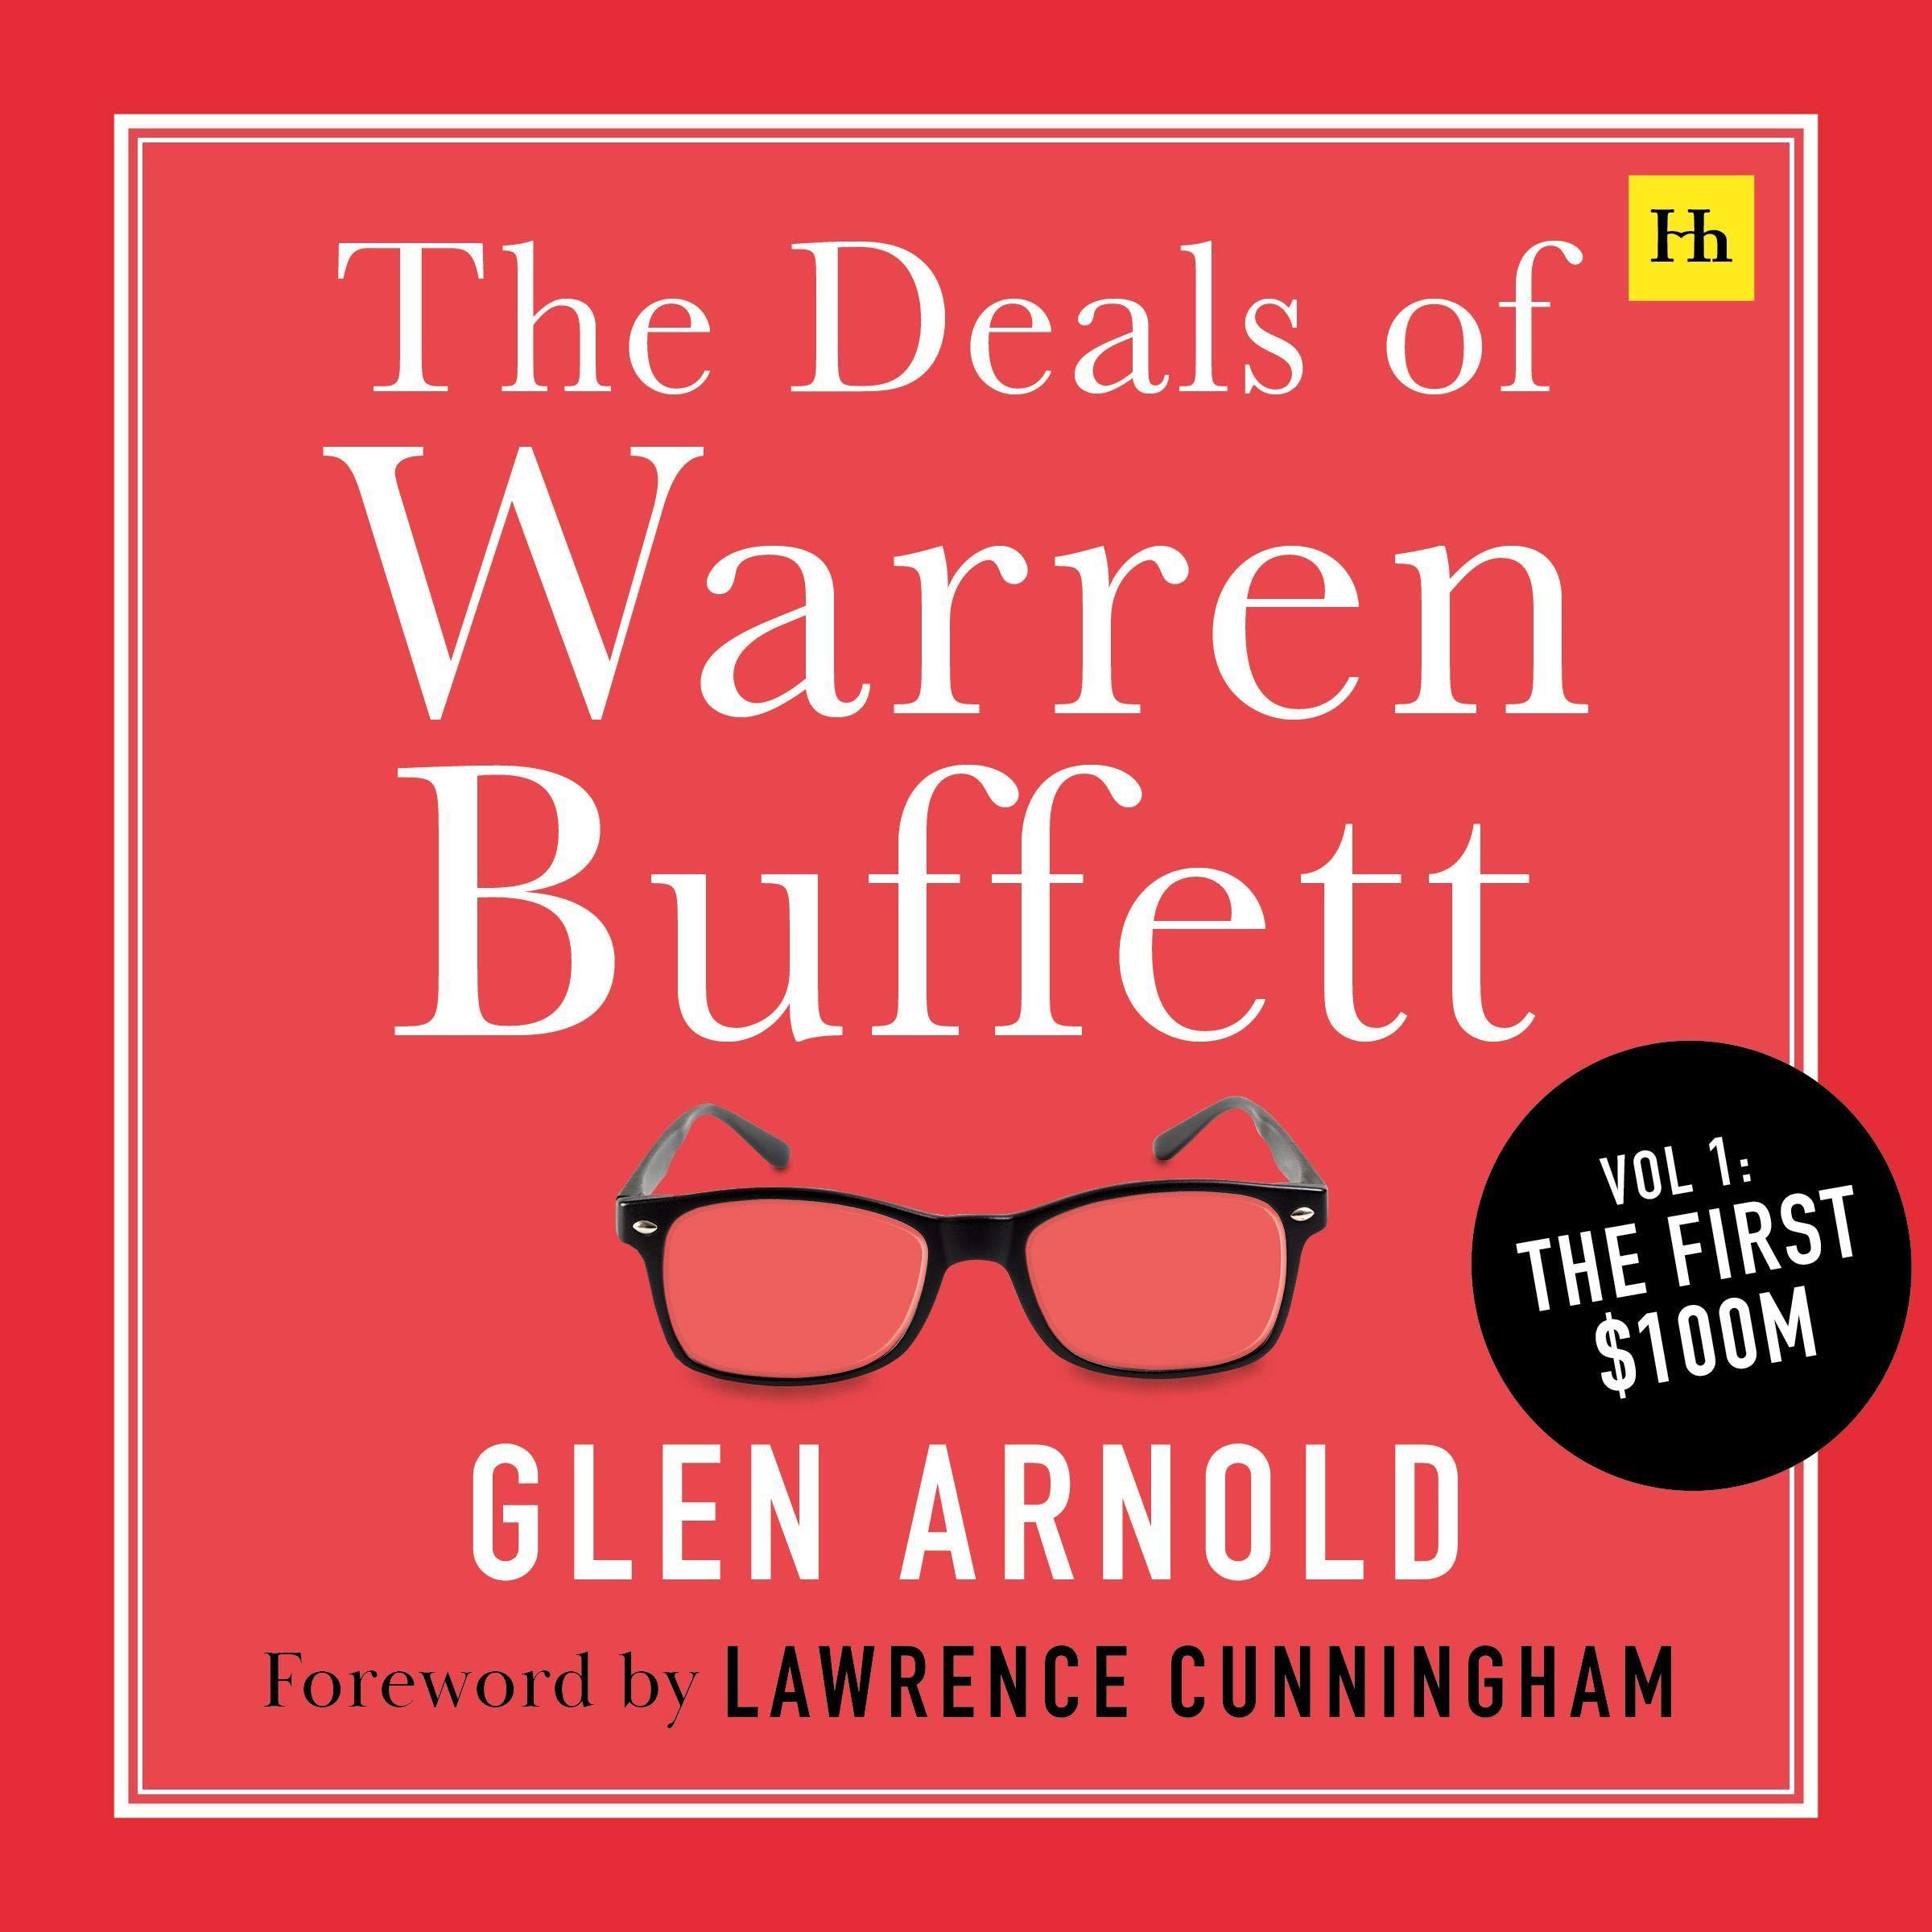 The Deals of Warren Buffett, Volume 1: The First $100M